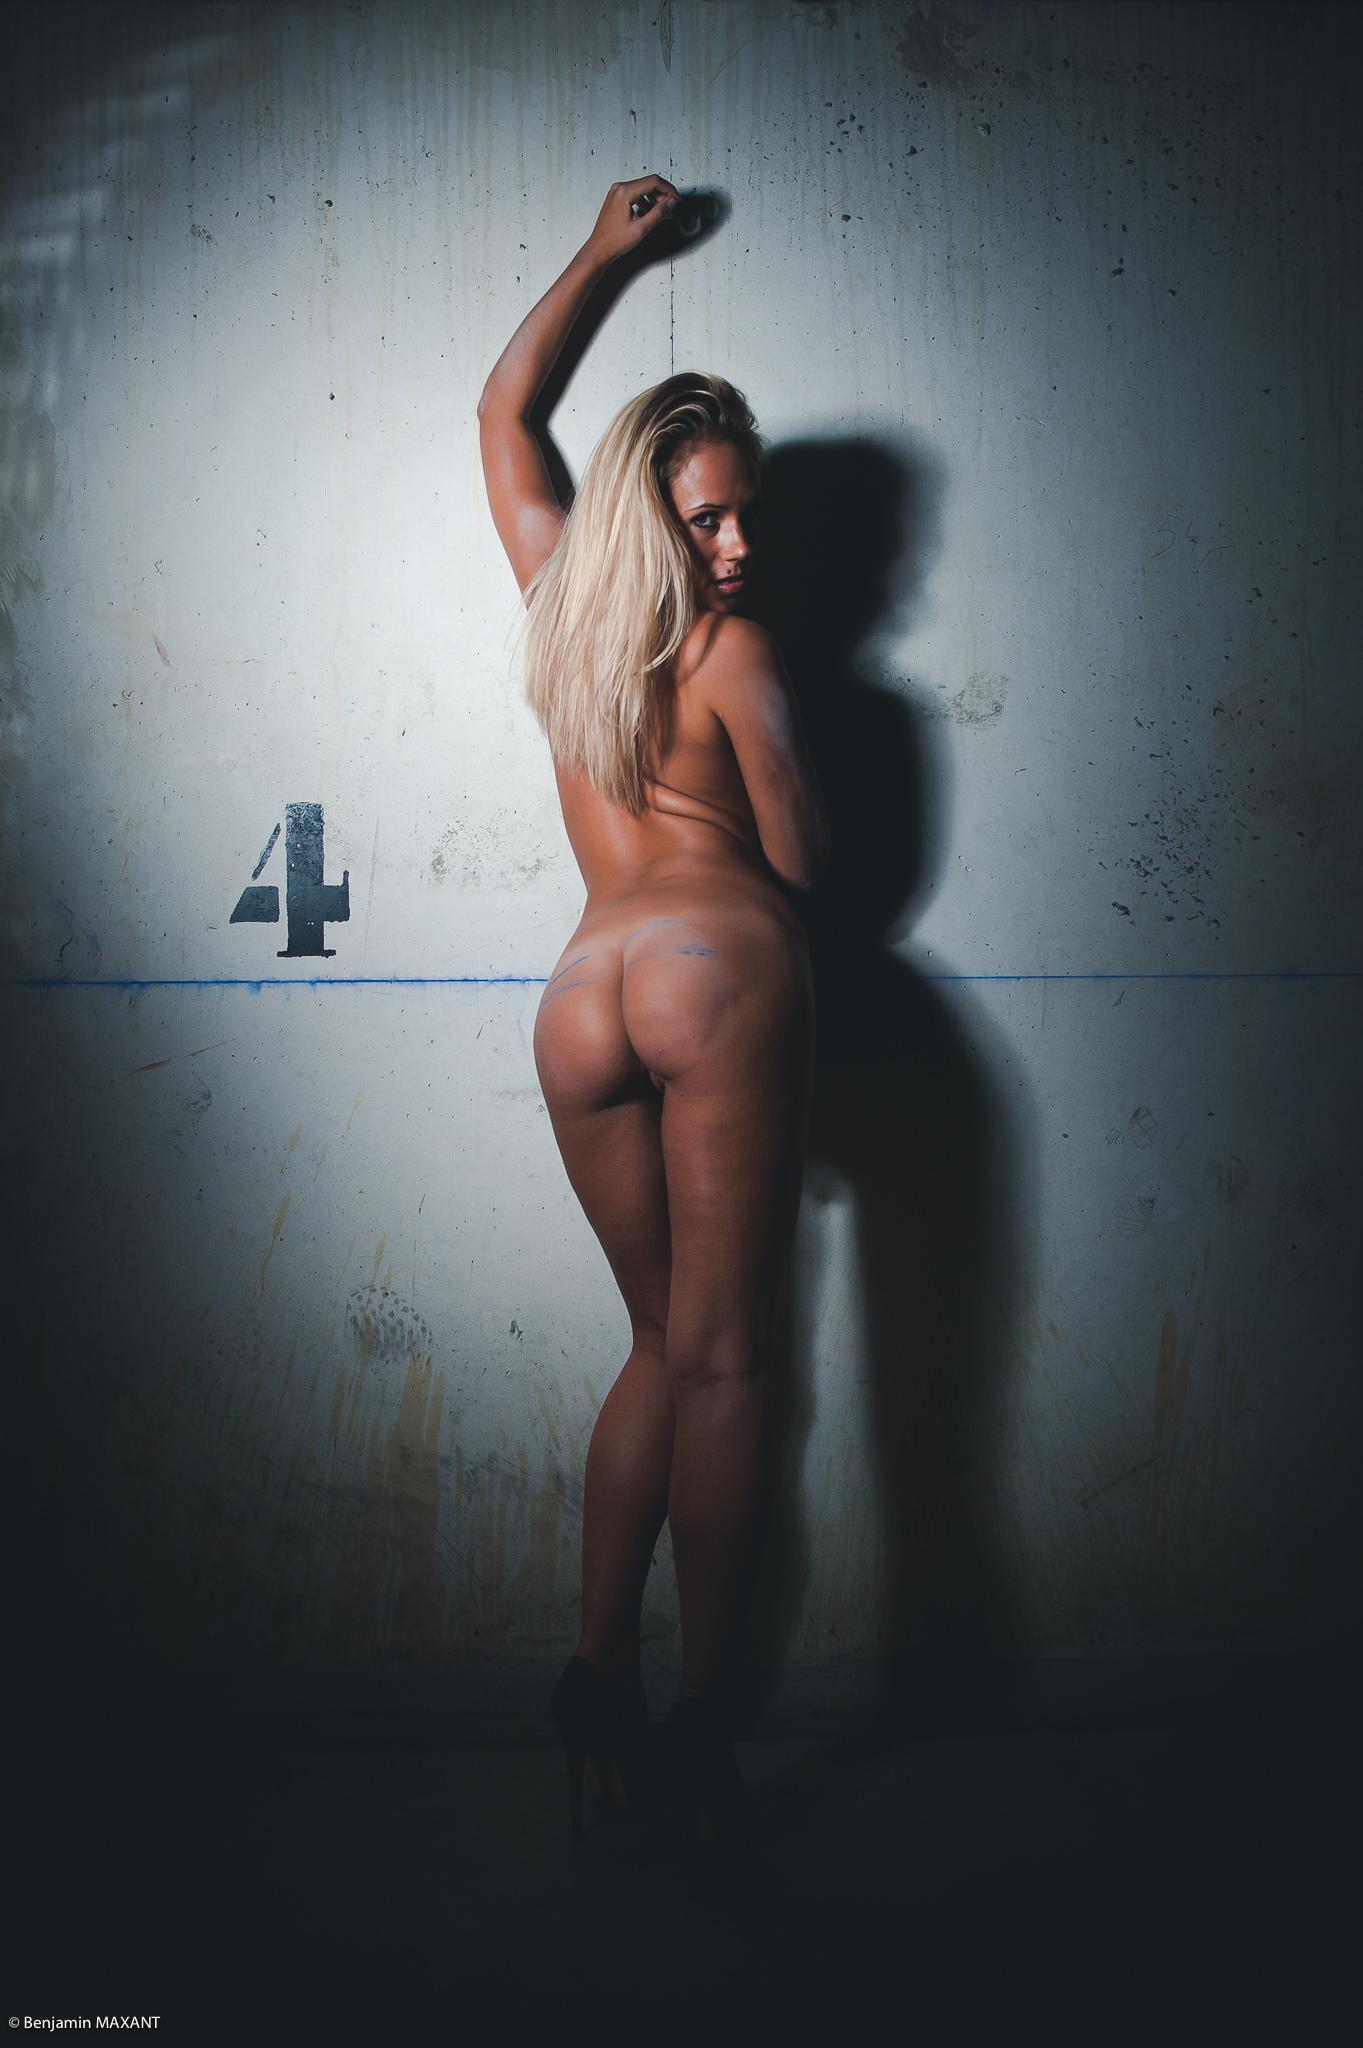 Séance photo nu dans un garage en sous-sol